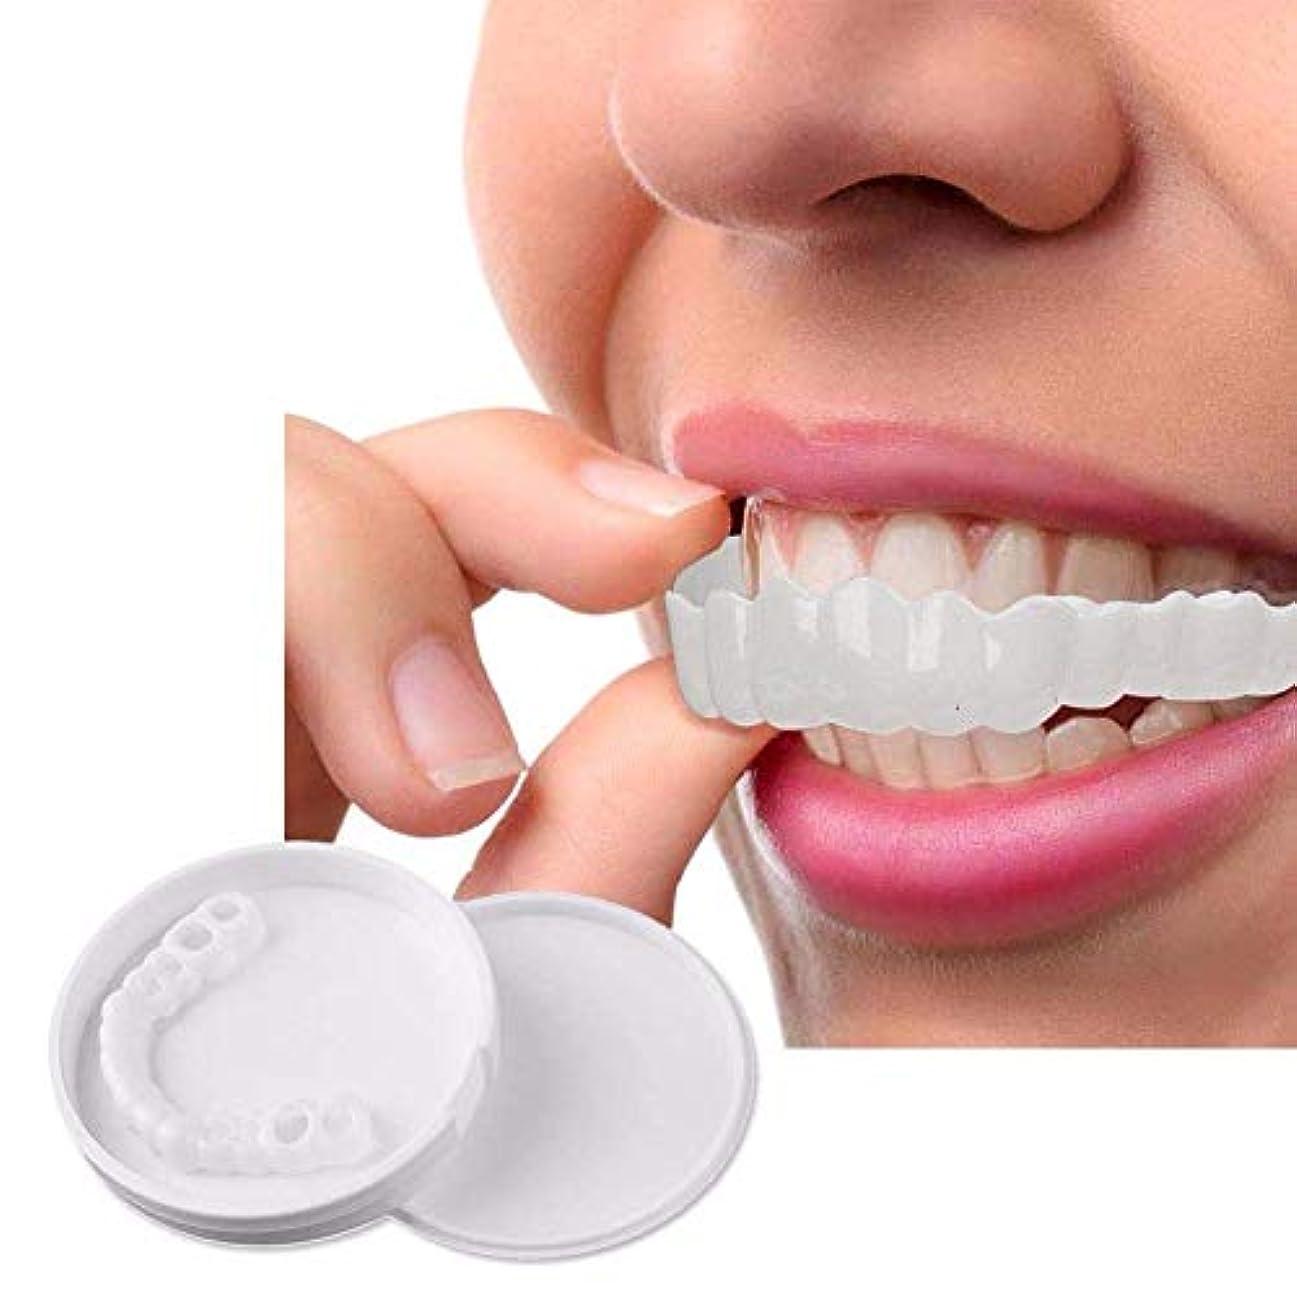 団結する判定軽10ピースホワイトニングスナップオンスマイルパーフェクトスマイルフィット最も快適な義歯ケア入れ歯歯科カバーでボックス,Upperteeth10Pcs